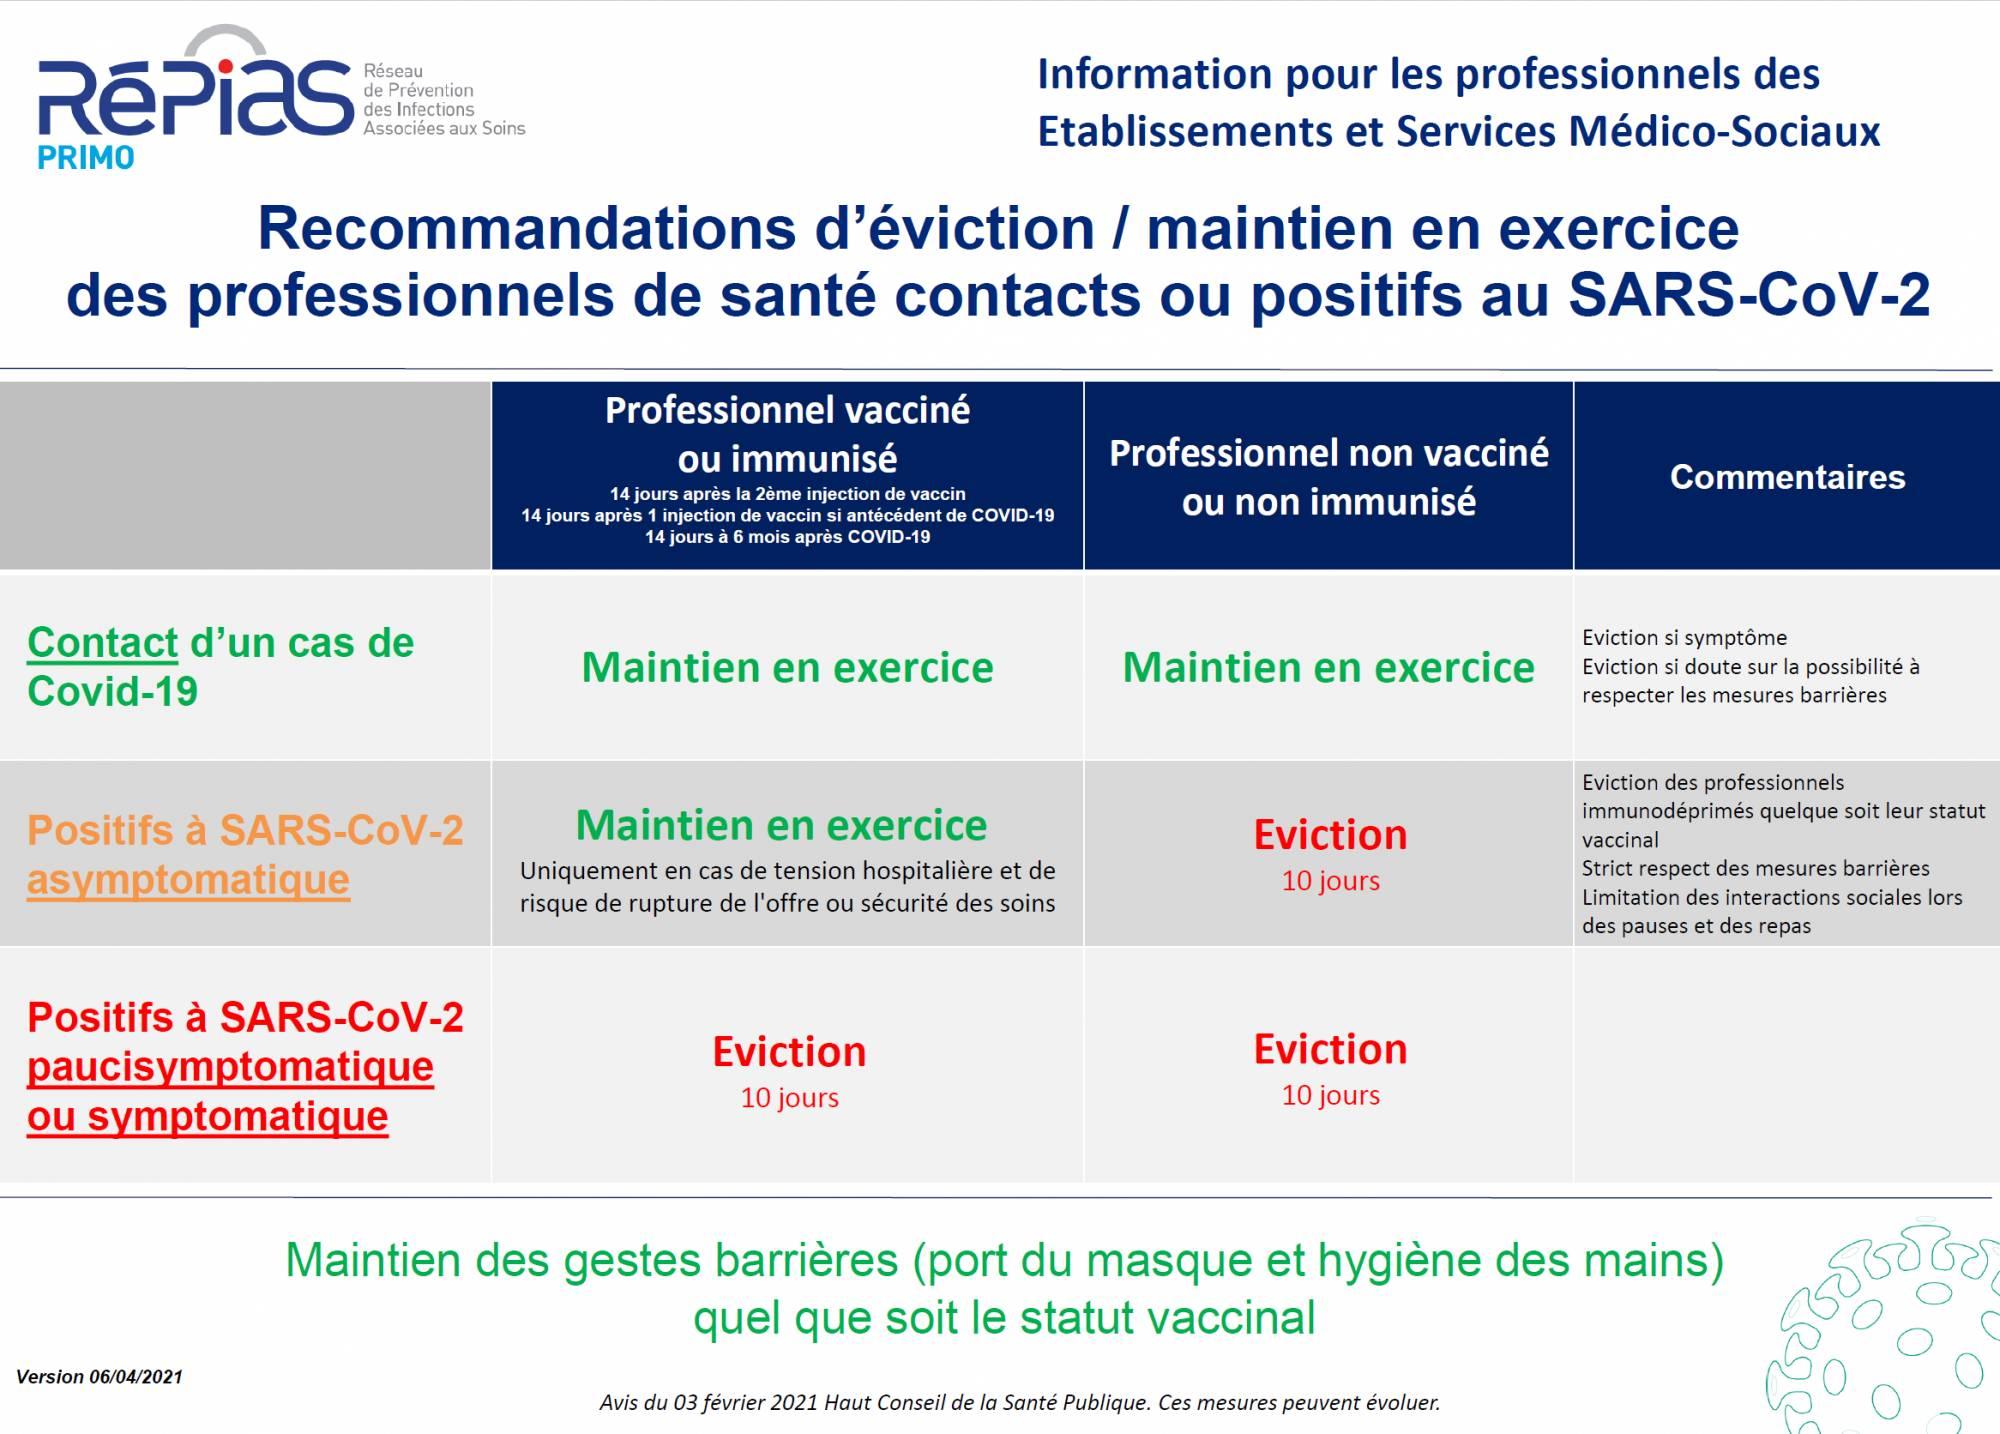 Recommandations d'éviction/maintien en exercice des professionnels de santé contacts ou positifs au SARS-CoV-2